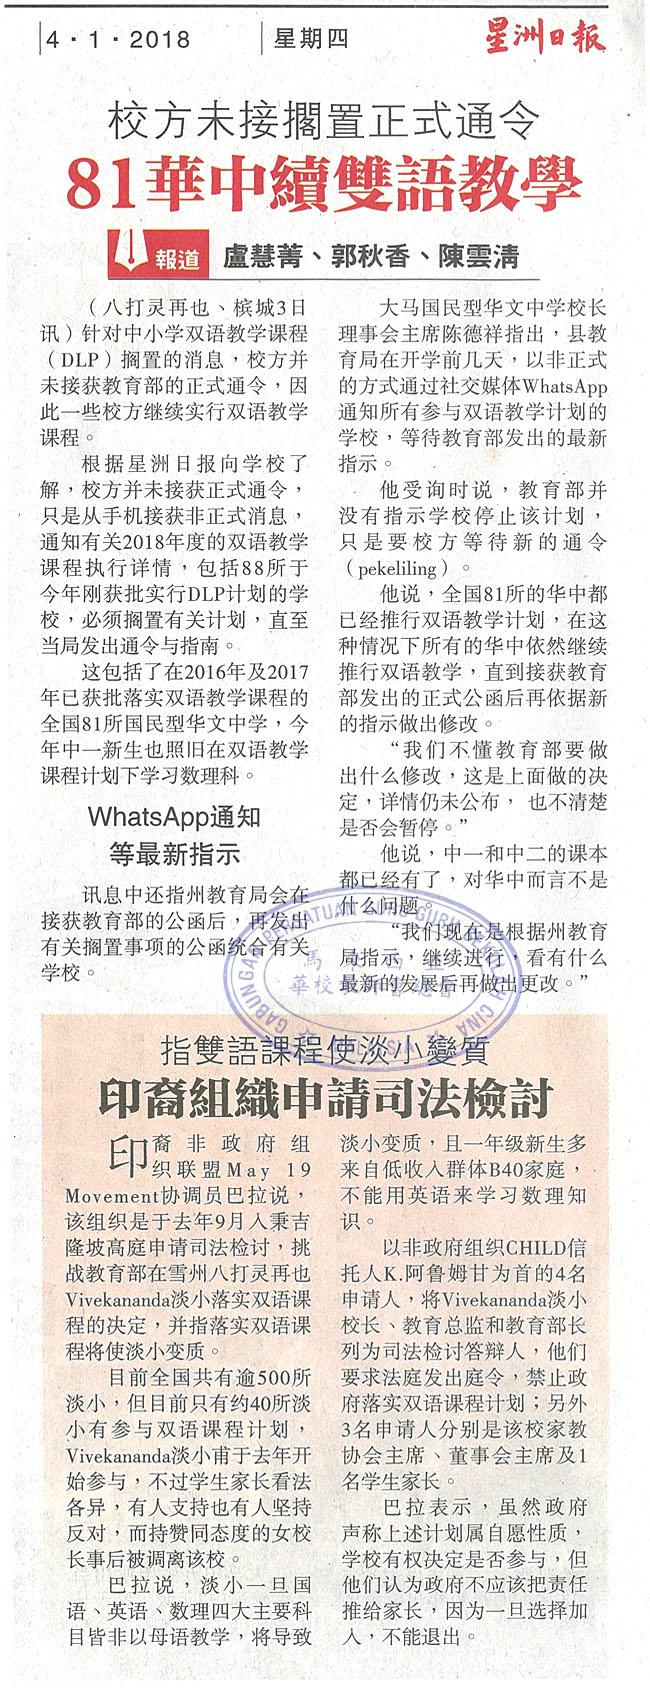 校方未接搁置正式通令 81华中续双语教学